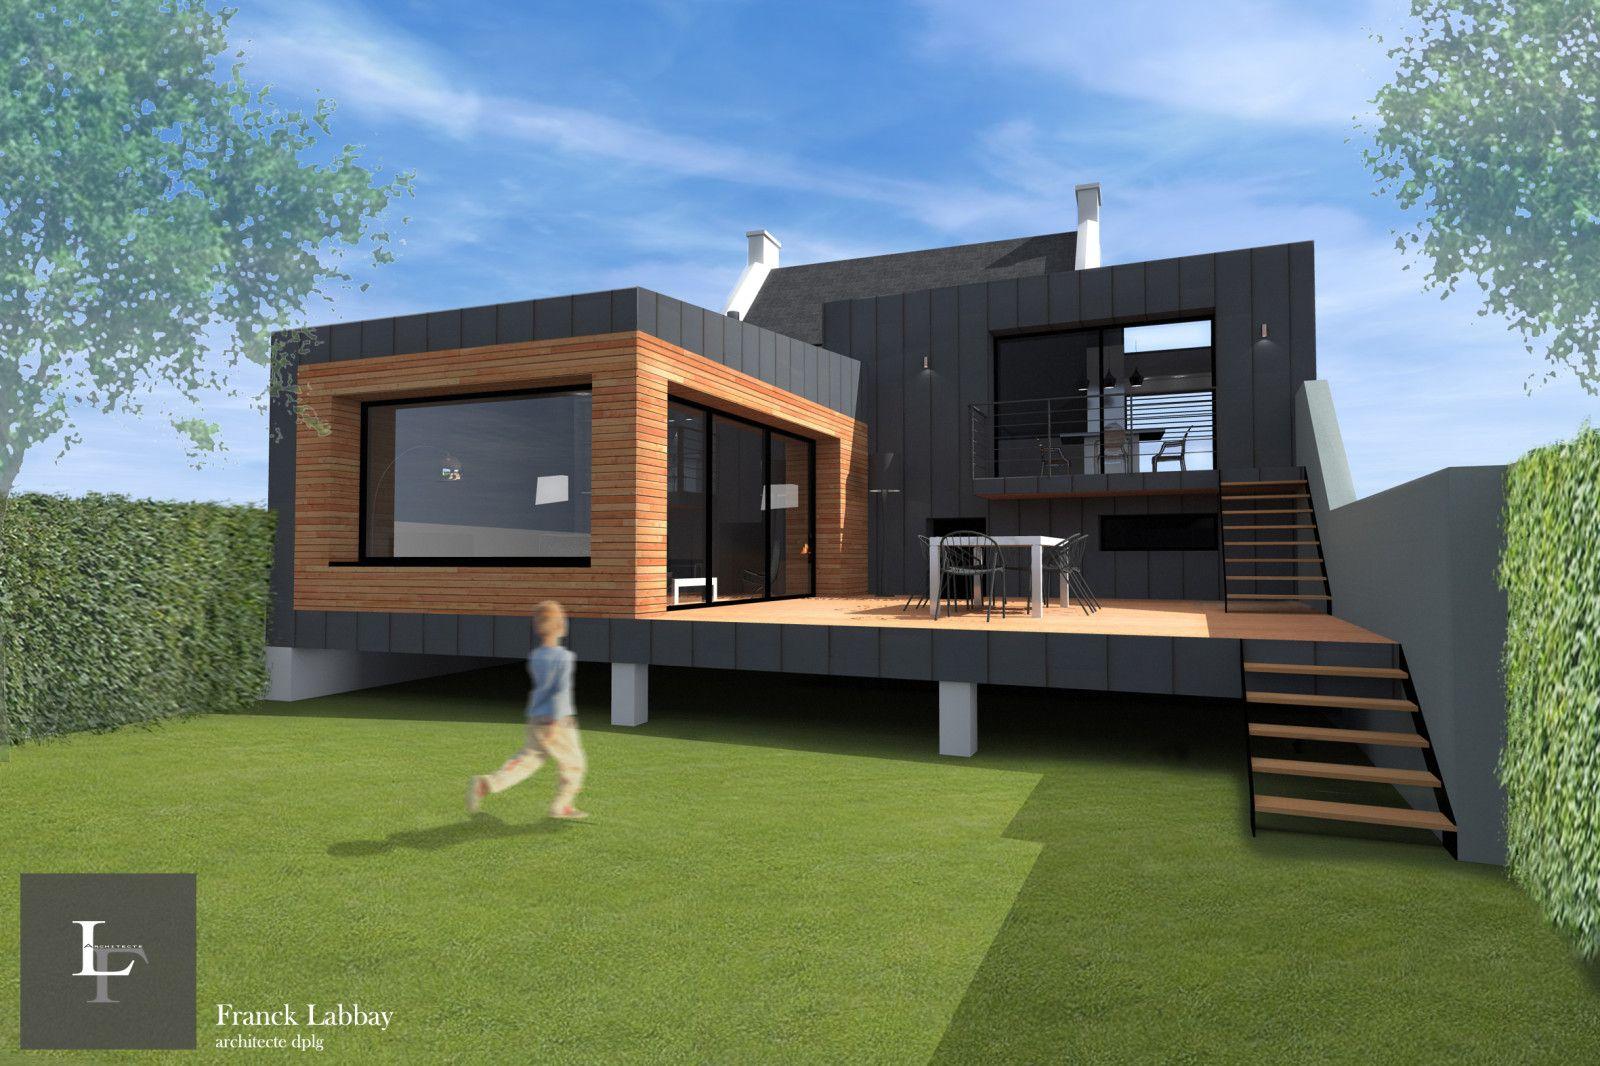 Extension Maison De Ville album - maison bl-extension d'une maison de ville des années 40